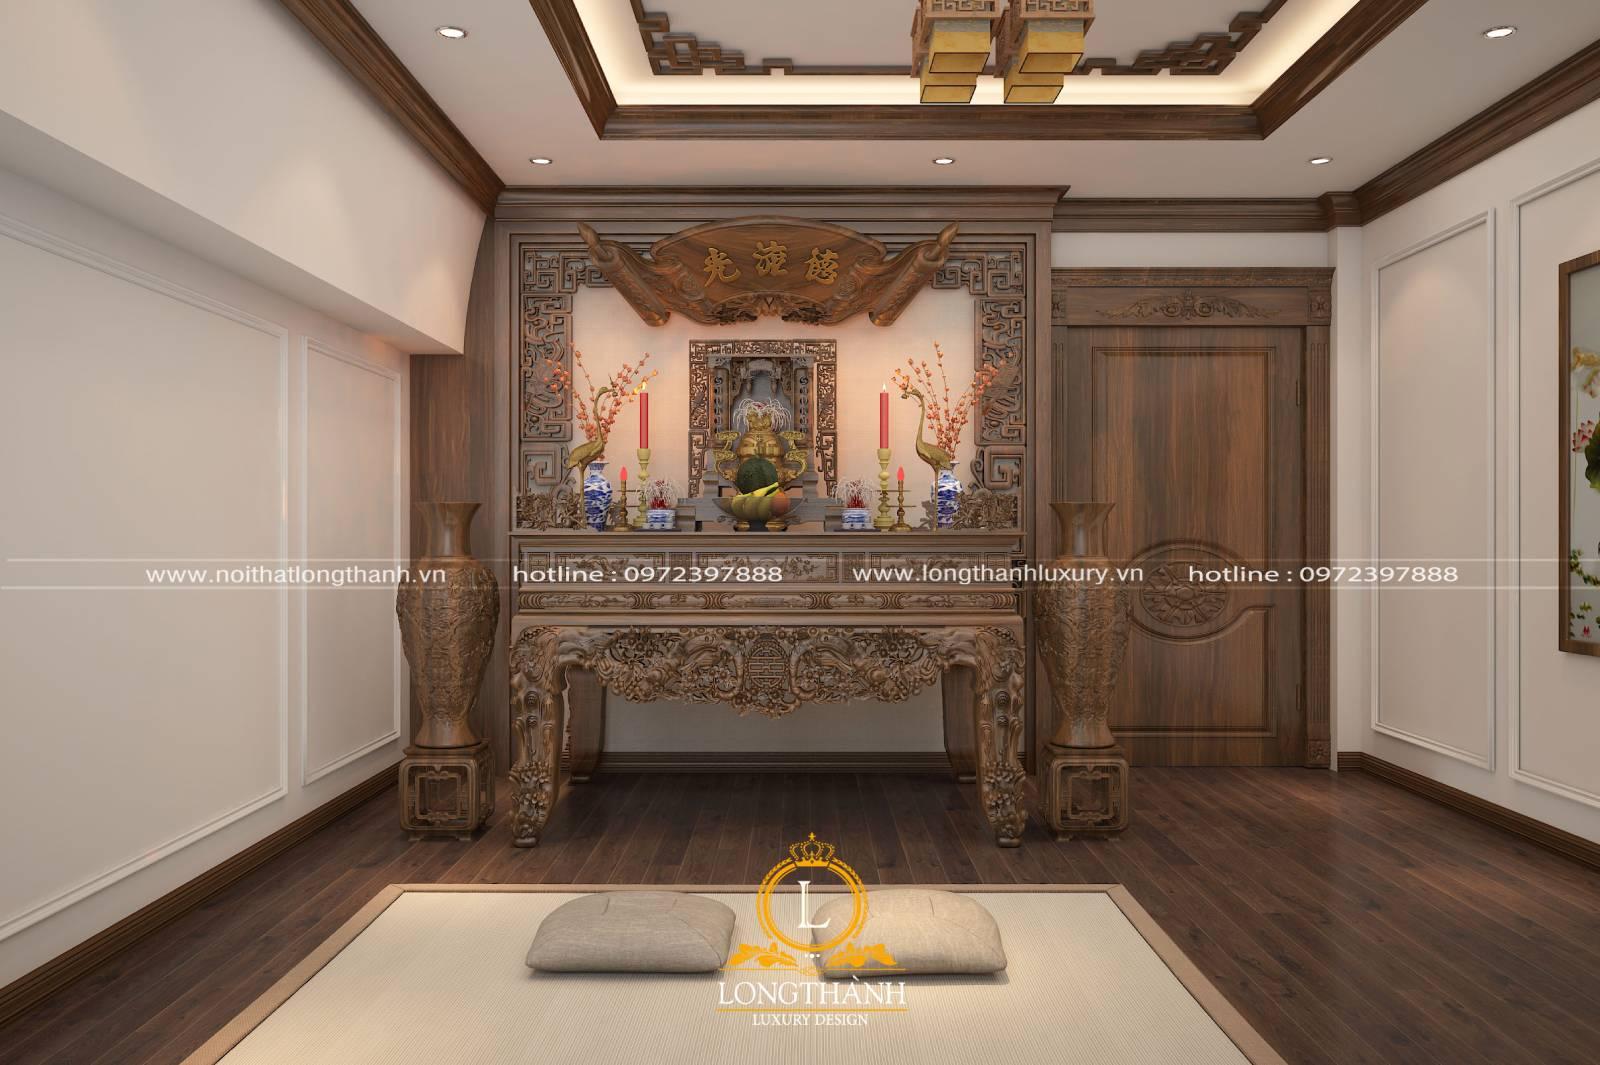 Mẫu cửa phòng thờ nguyên khối cho không gian thêm trang nghiêm tĩnh lặng